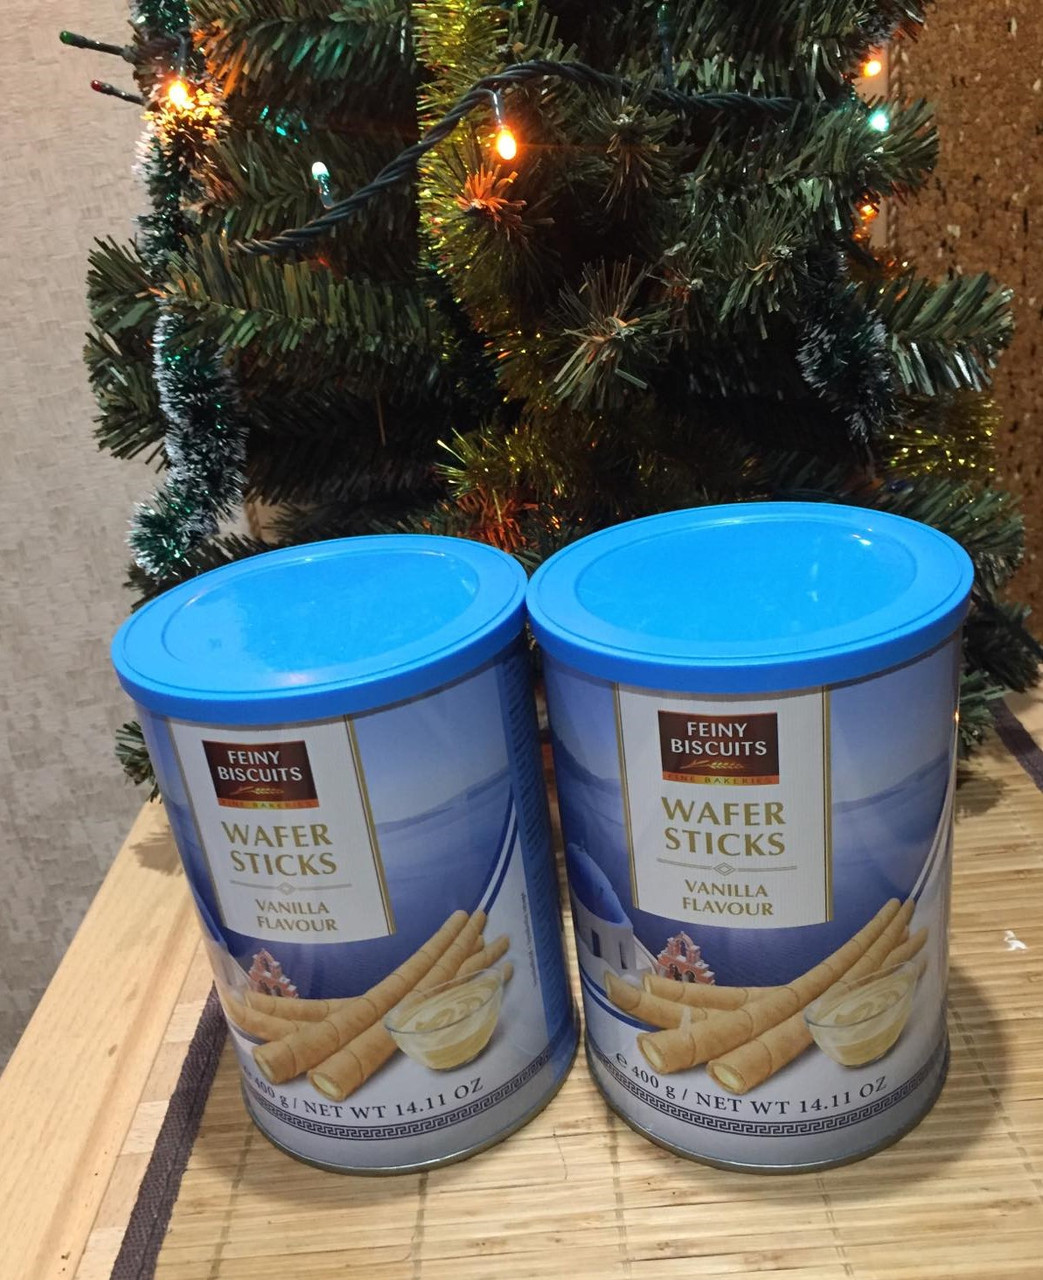 Вафельные трубочки Feiny biscuits wafer sticks ваниль 400г (Австрия)